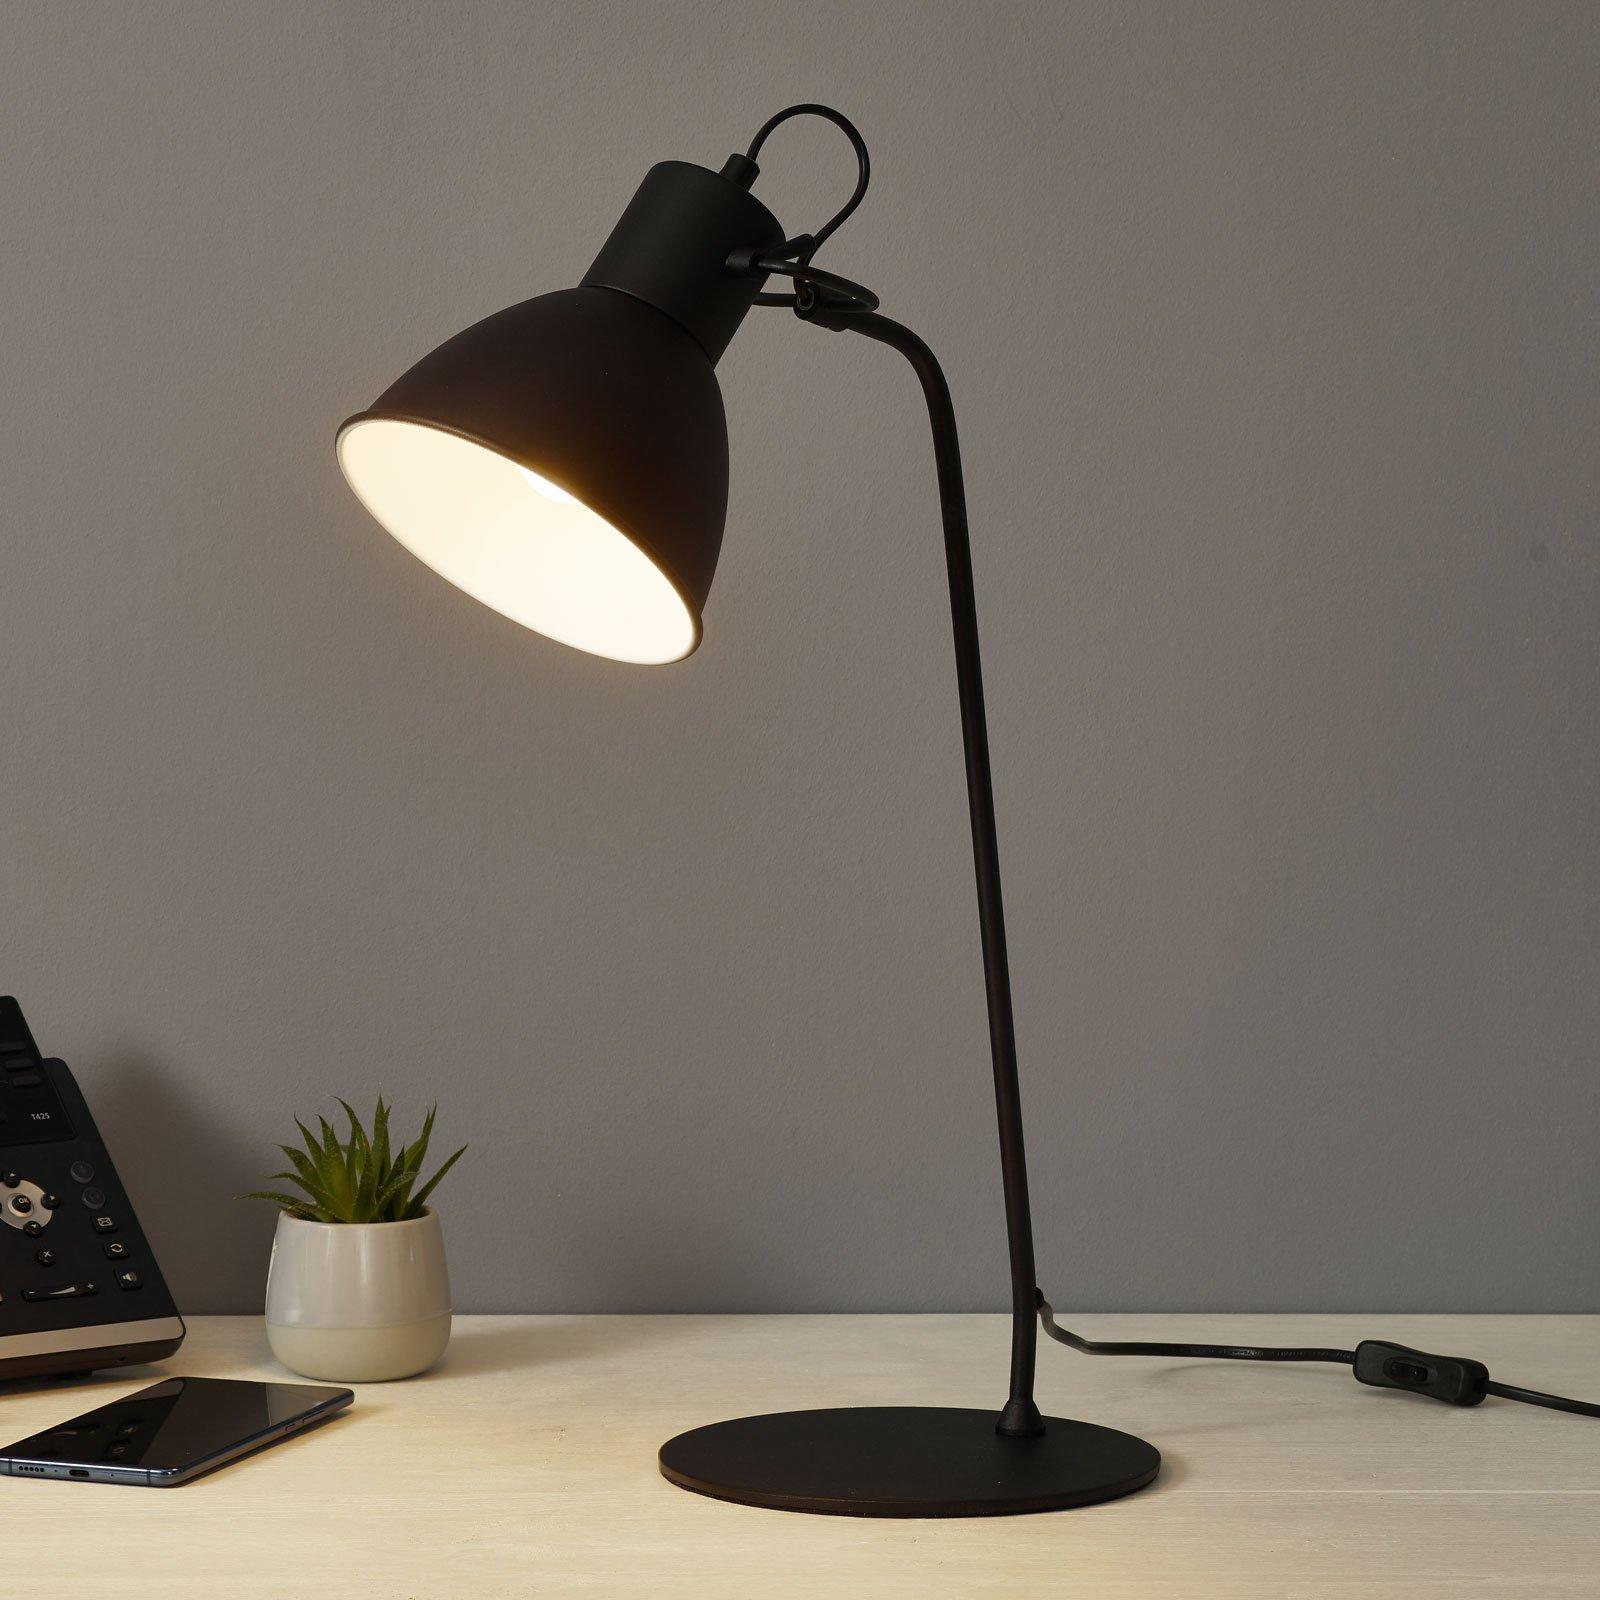 Dekorativ bordlampe Shadi i svart